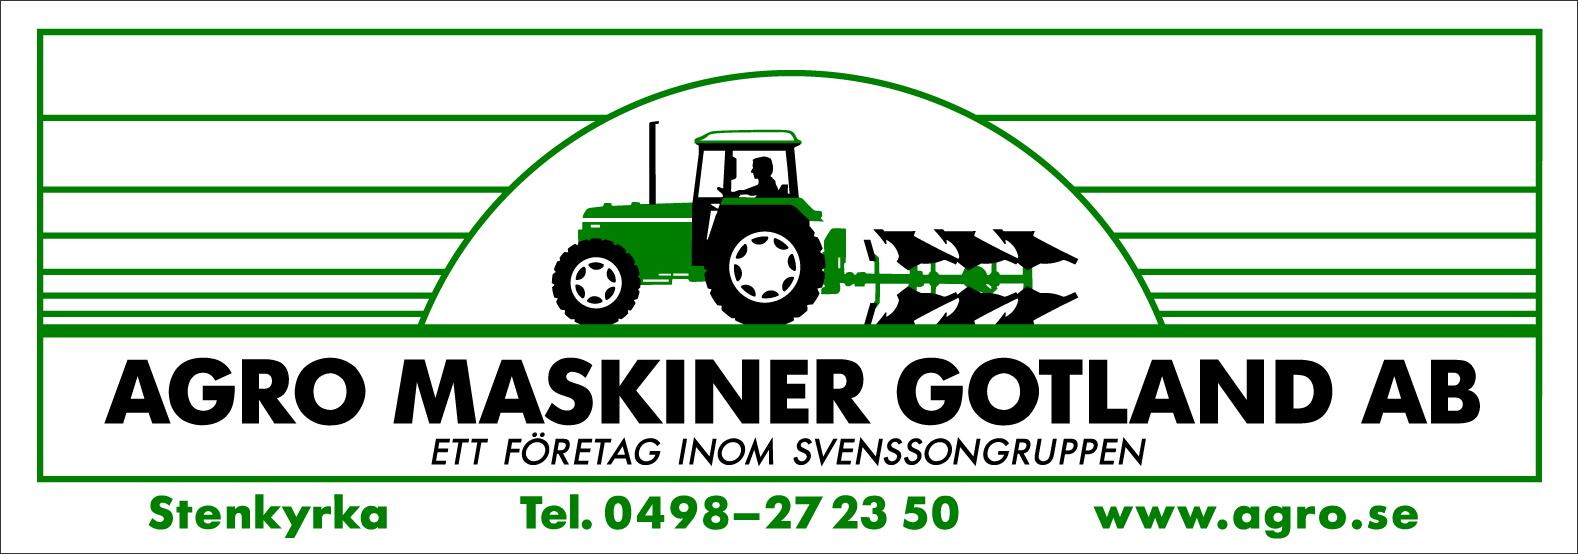 Agromaskiner